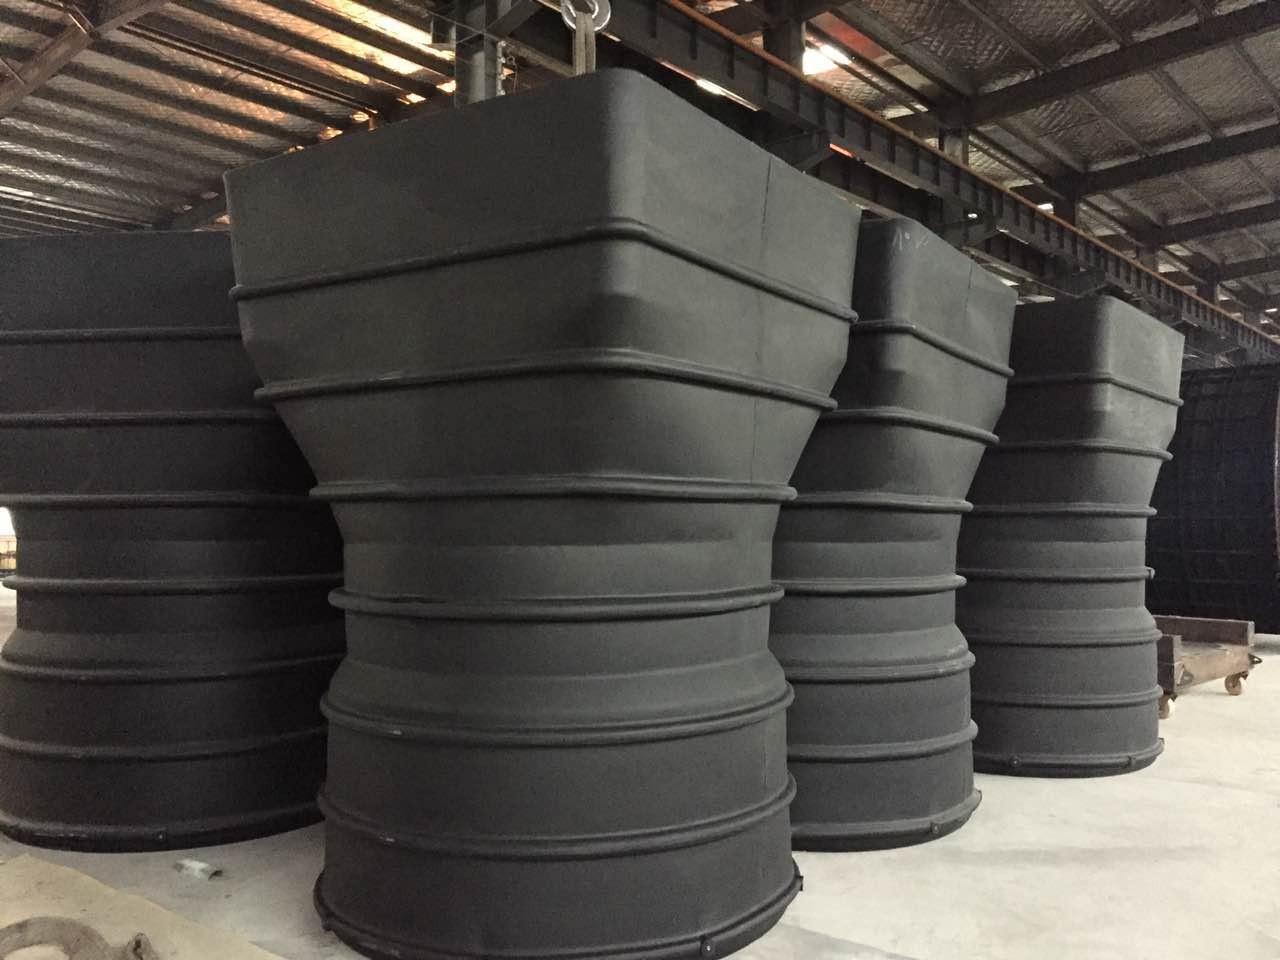 污水处理桶生产厂家_专业的-江苏圣泰防腐设备有限公司